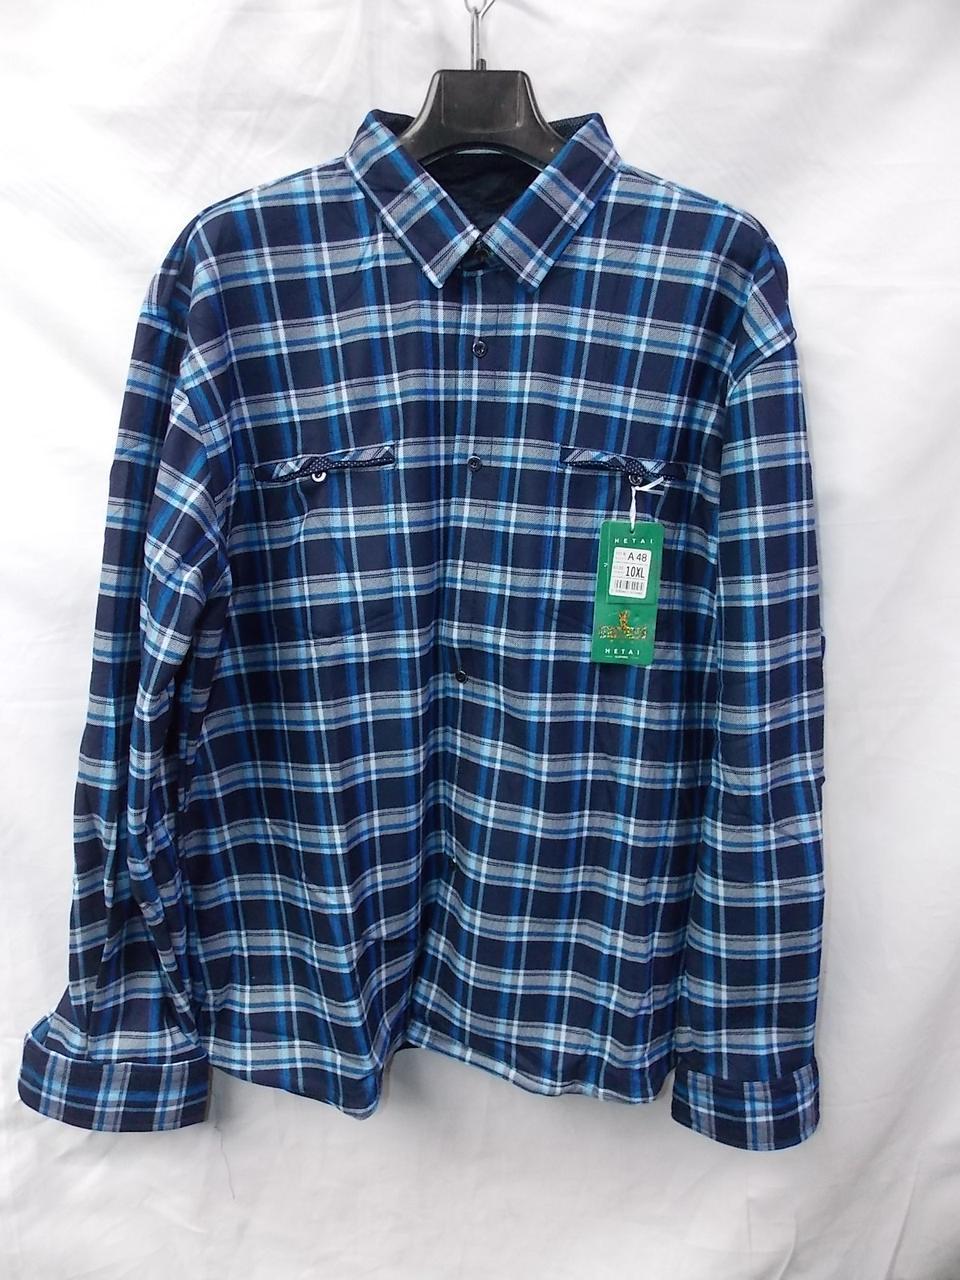 Мужская байка рубашка (длинный рукав) Батал оптом со склада в Одессе